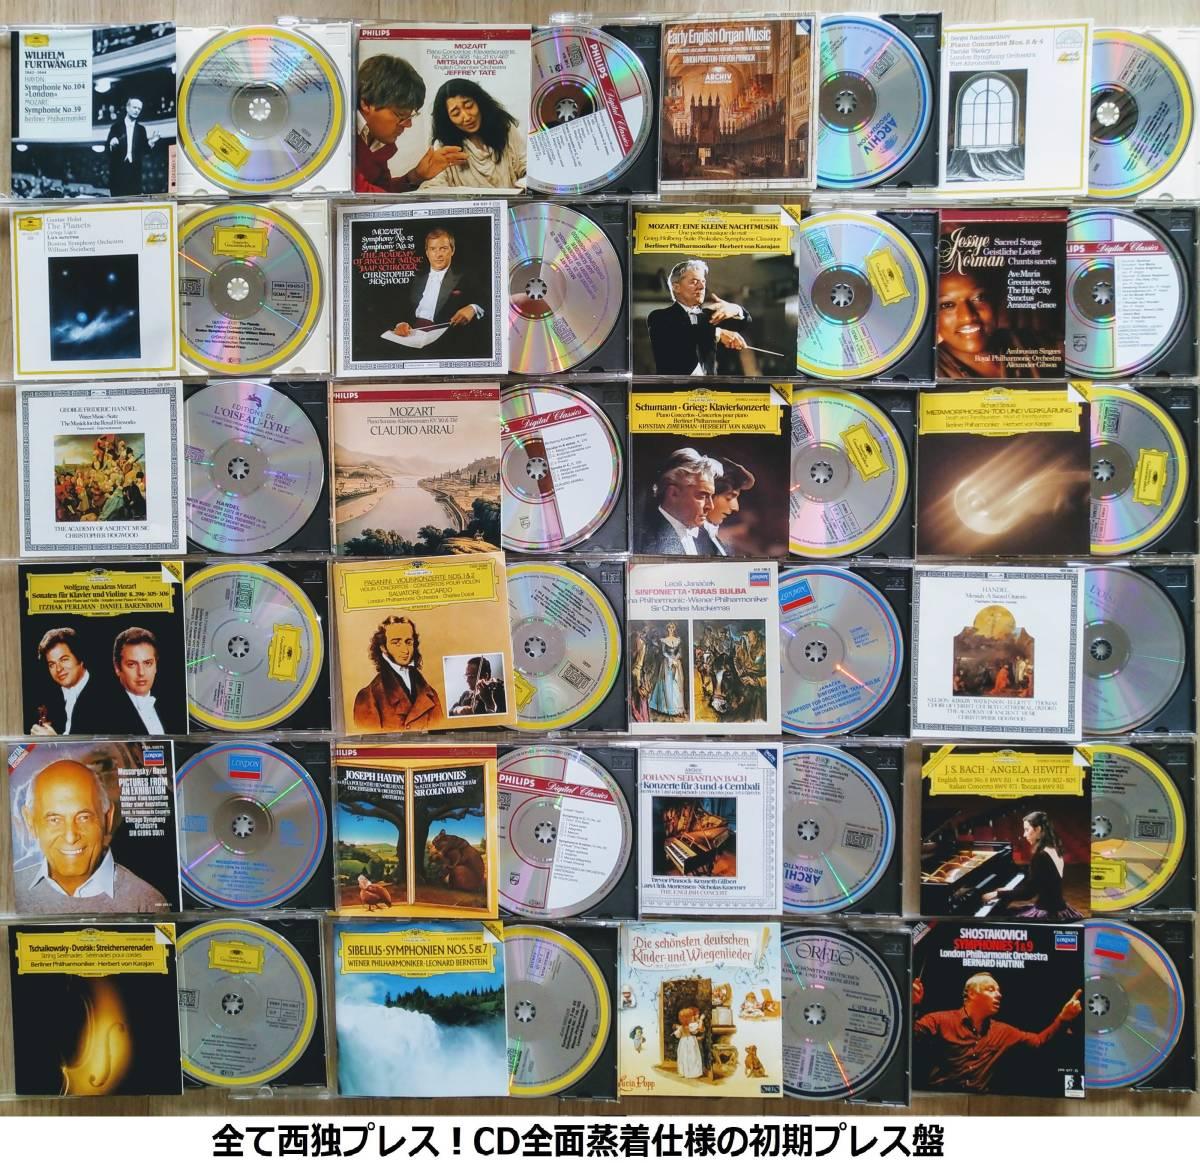 ★★大量!★★ クラシックCD 600枚セット! ★西独盤、初期盤、希少盤 旧規格盤等 色々まとめて~